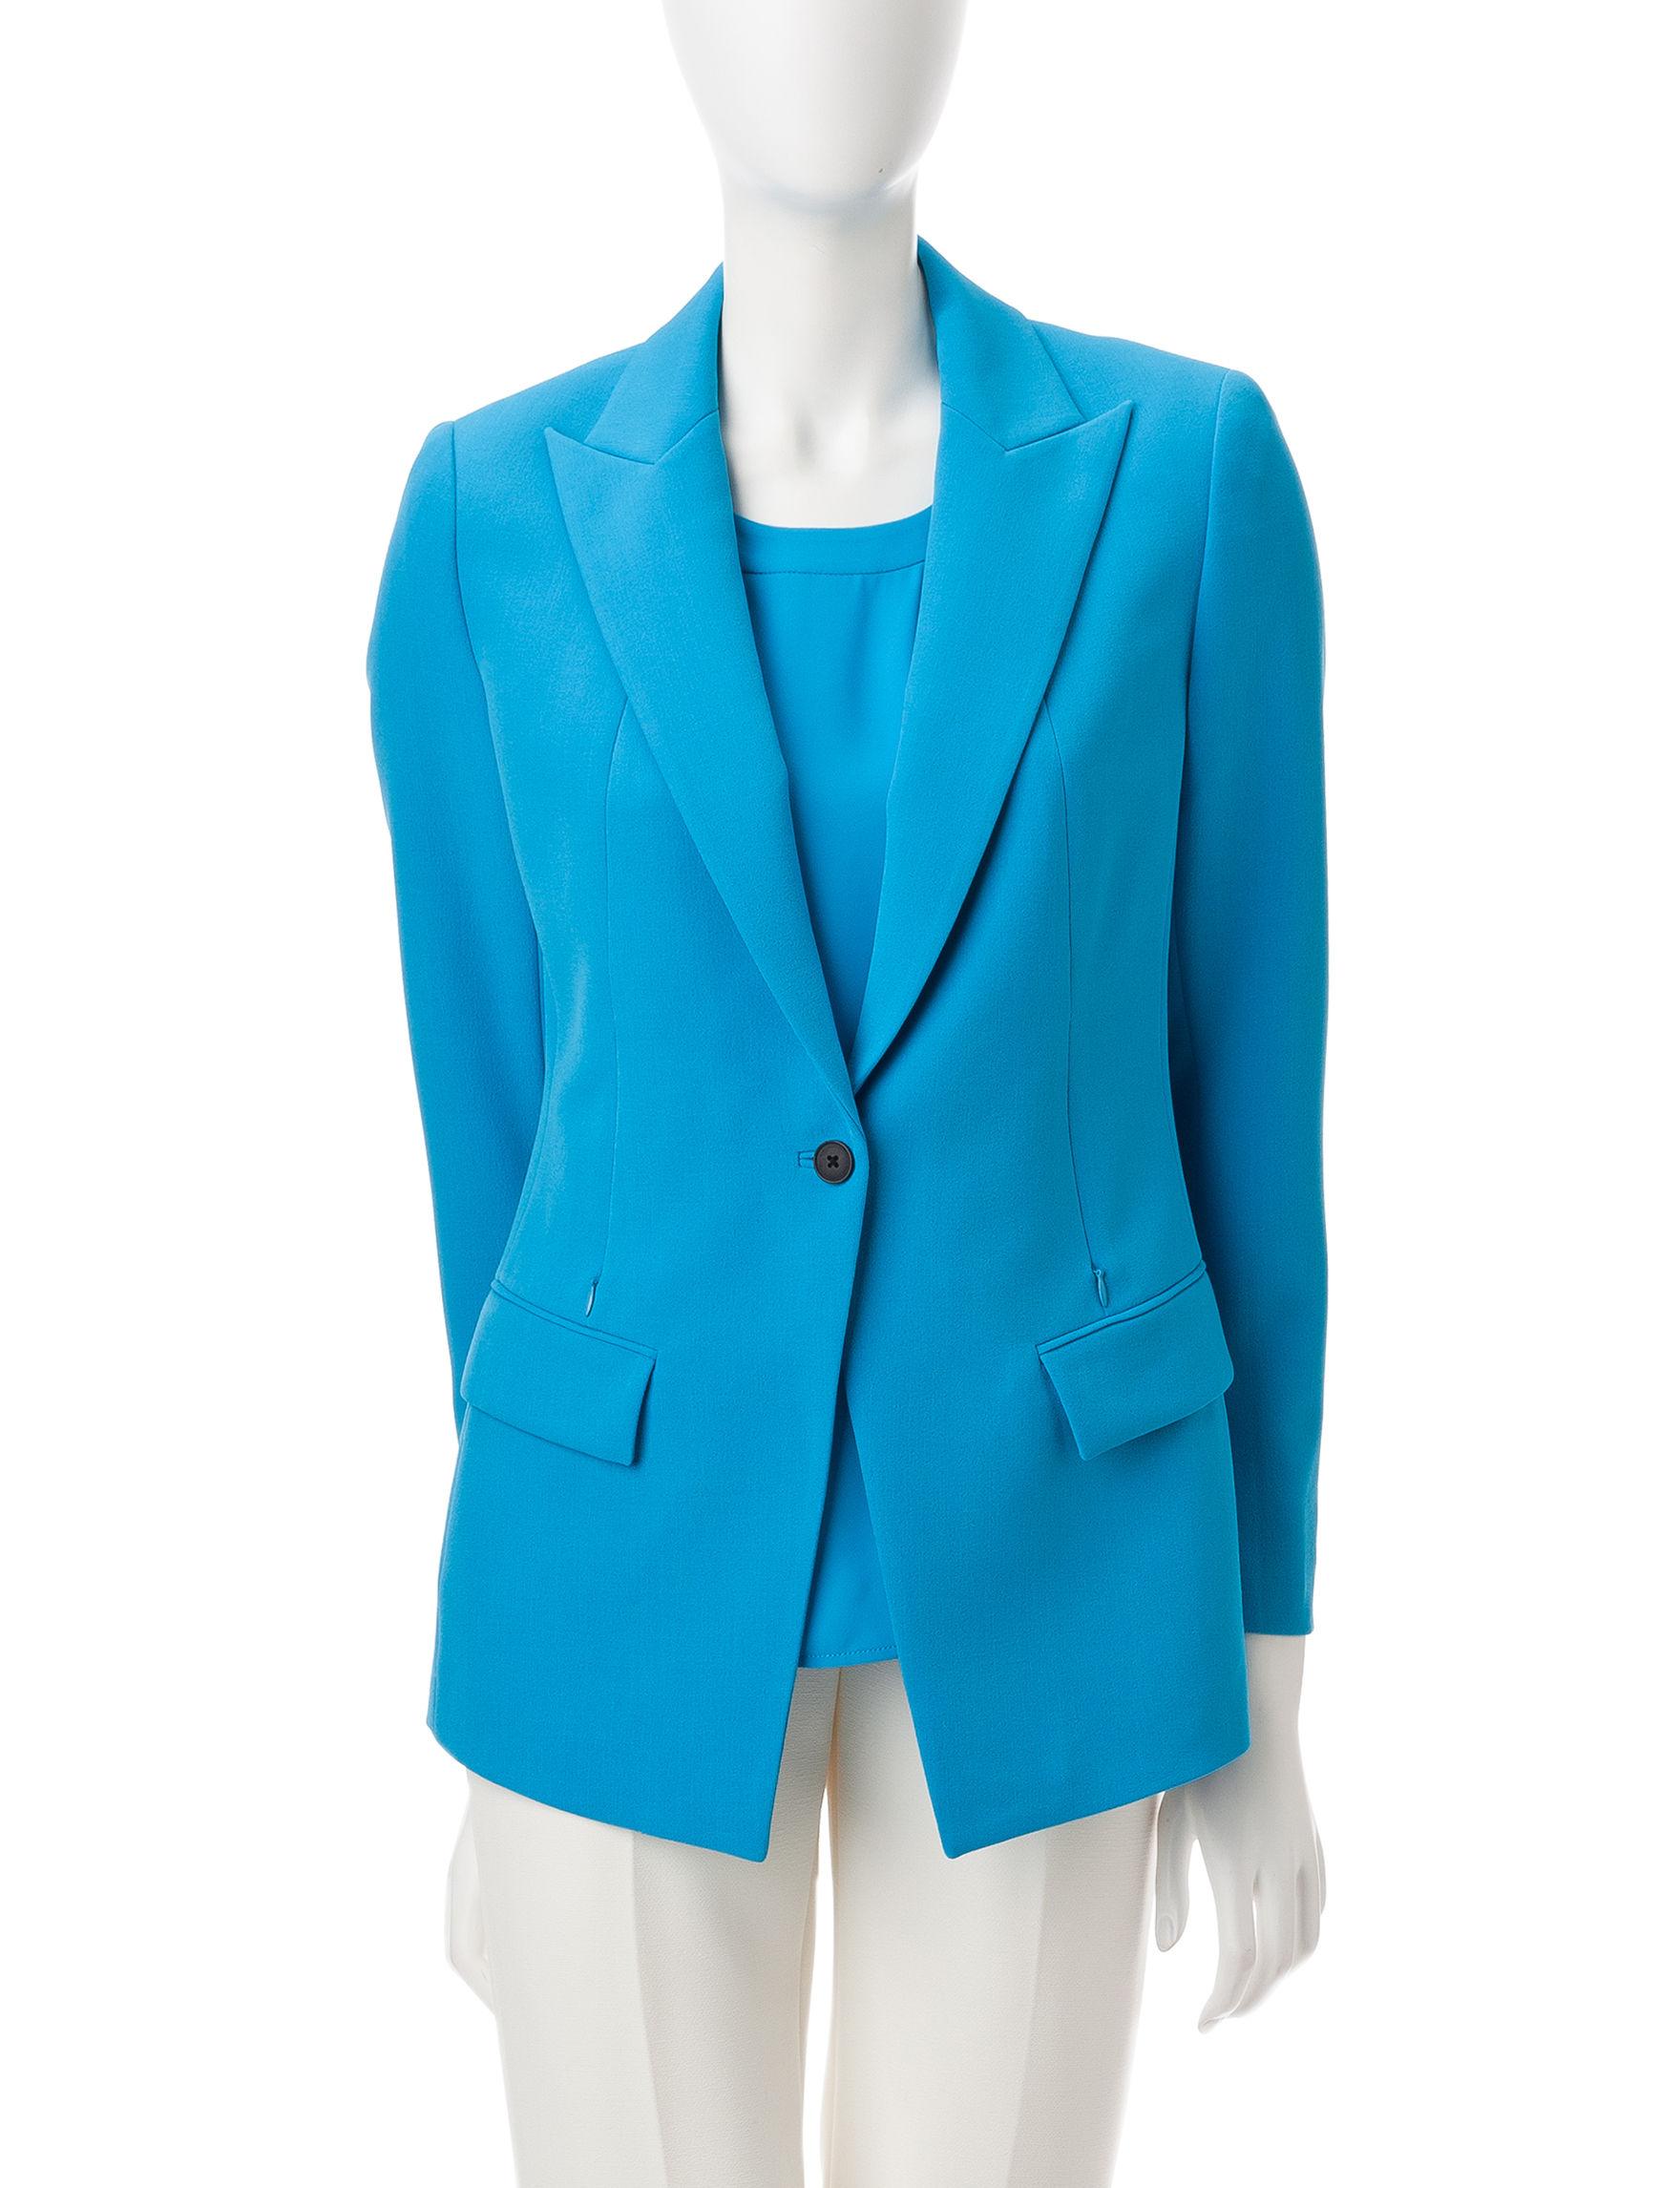 Anne Klein Blue Lightweight Jackets & Blazers